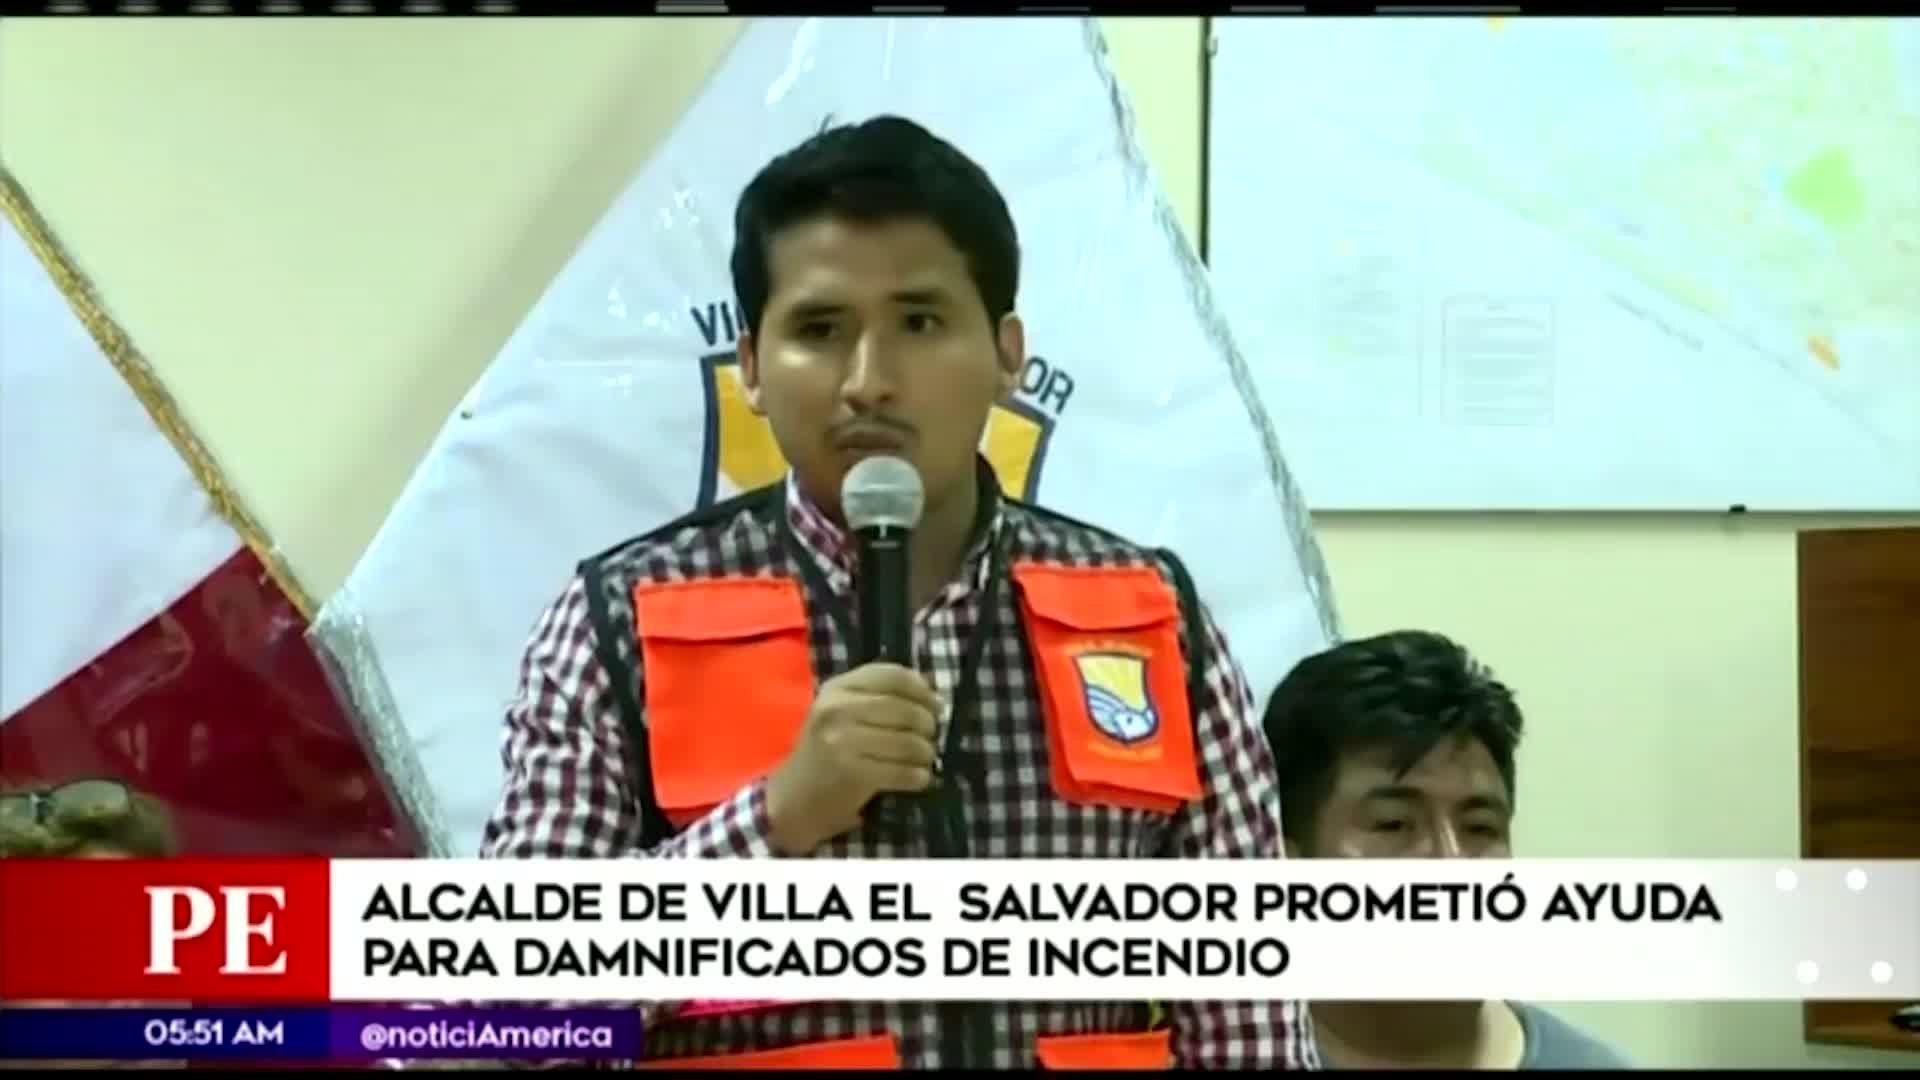 Tragedia en VES: alcalde del distrito destinará 200 mil soles a las familias afectadas